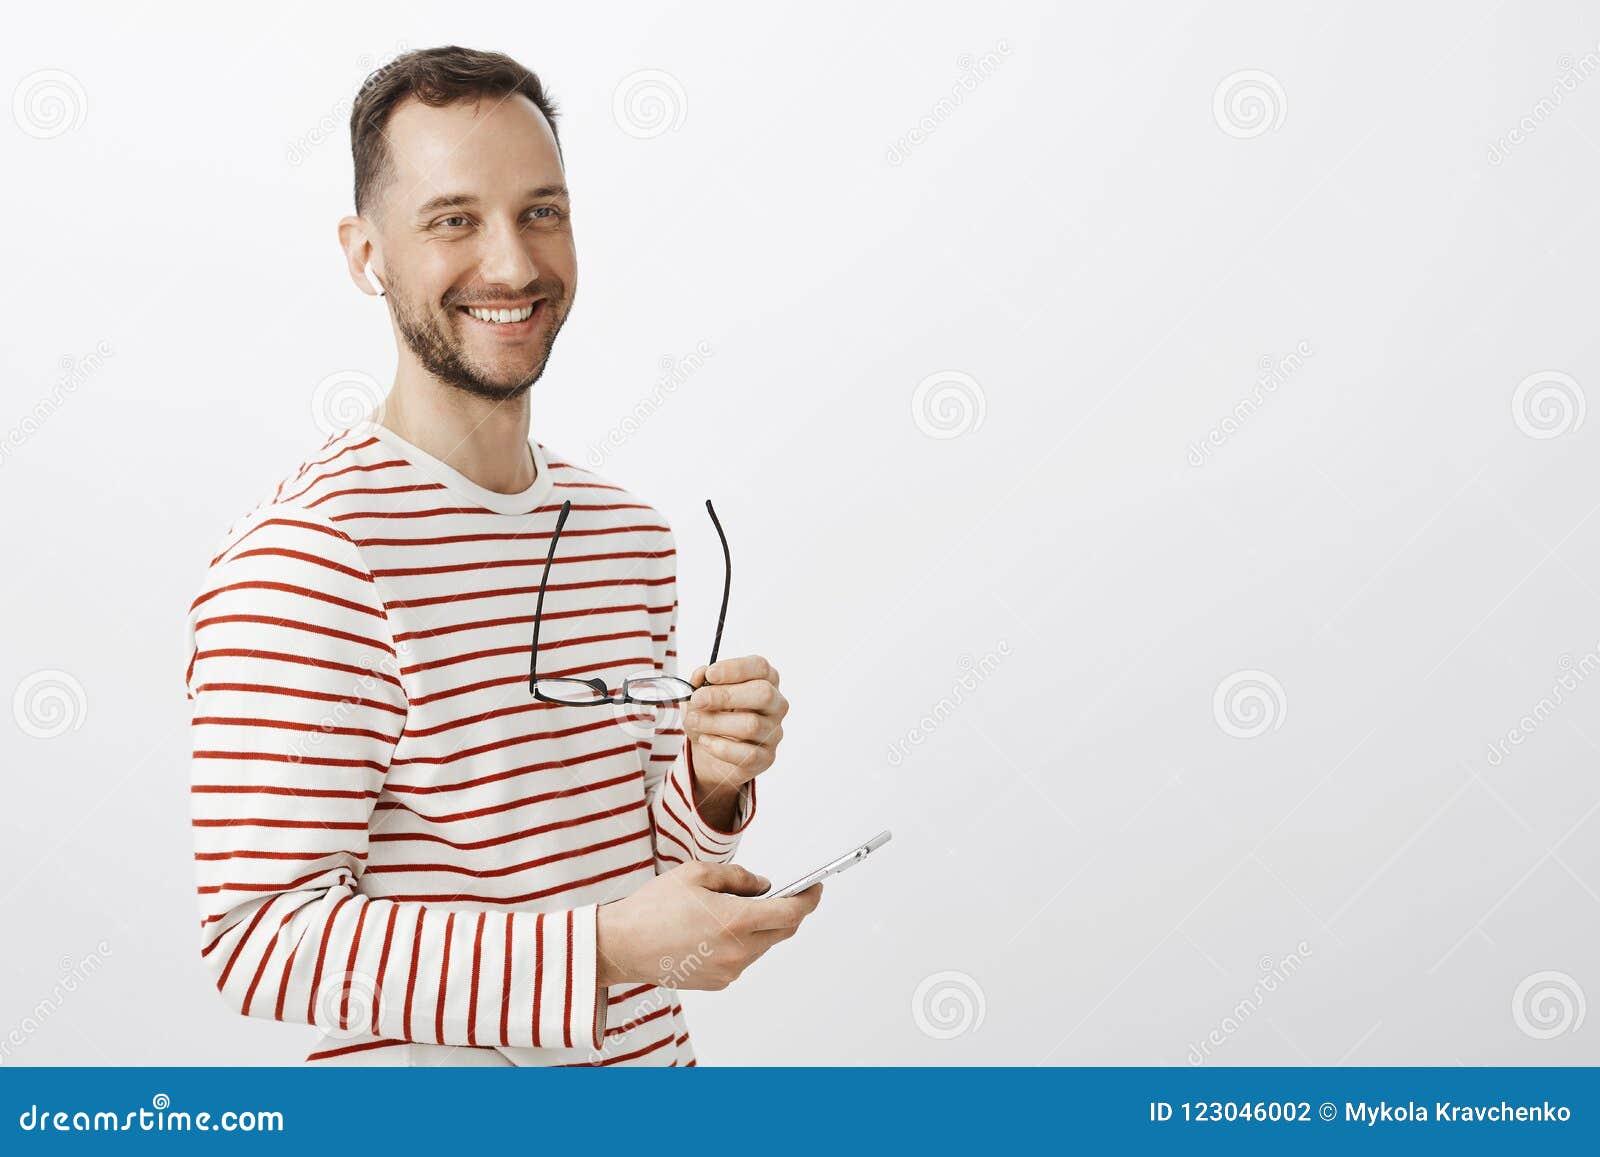 Homem de negócios masculino bem sucedido positivo, descolando vidros, vista de lado e sorriso amigável, escolhendo a música para